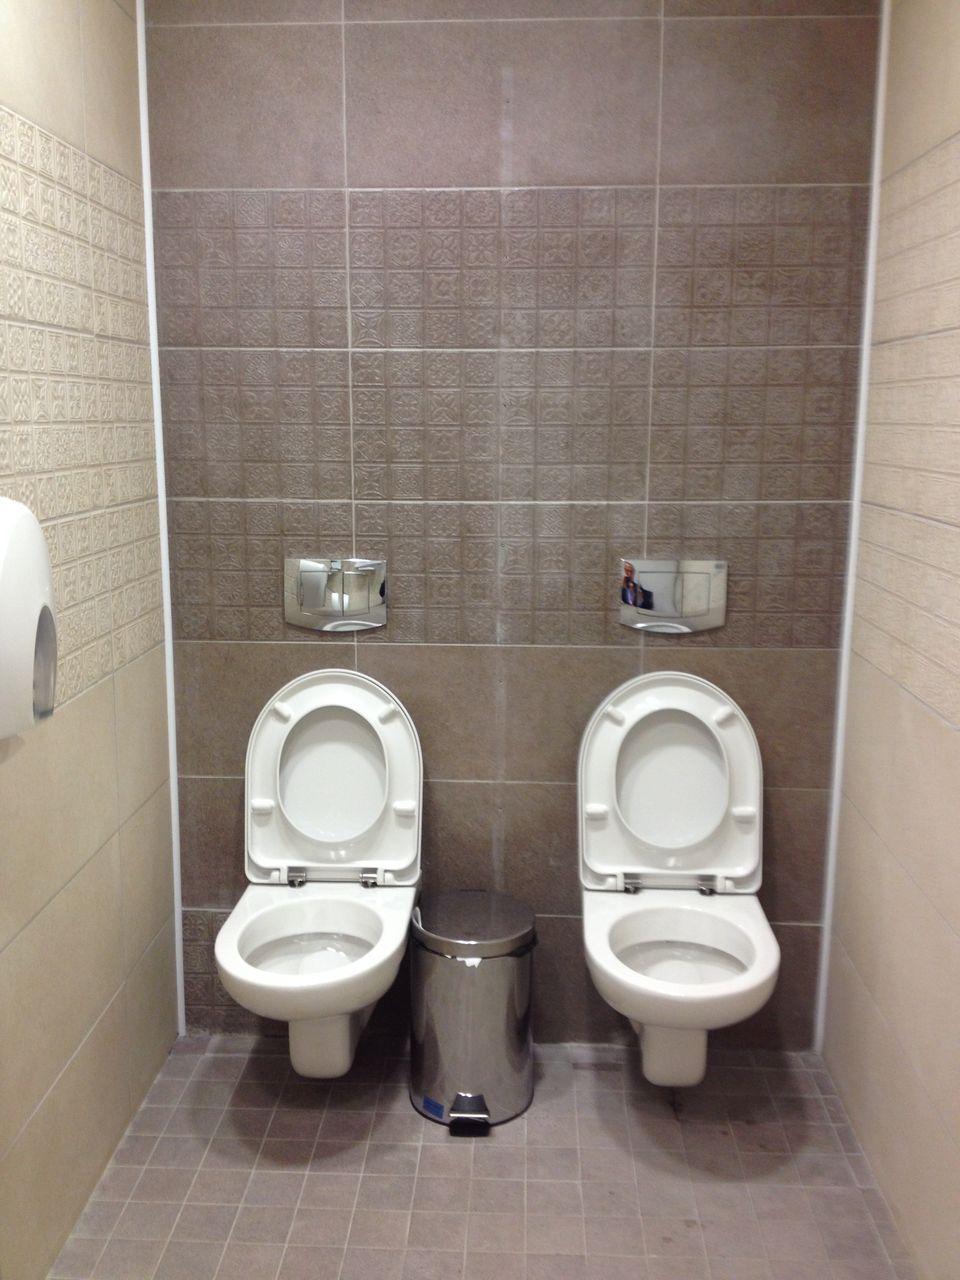 Скрытое наблюдение в ж туалете 12 фотография